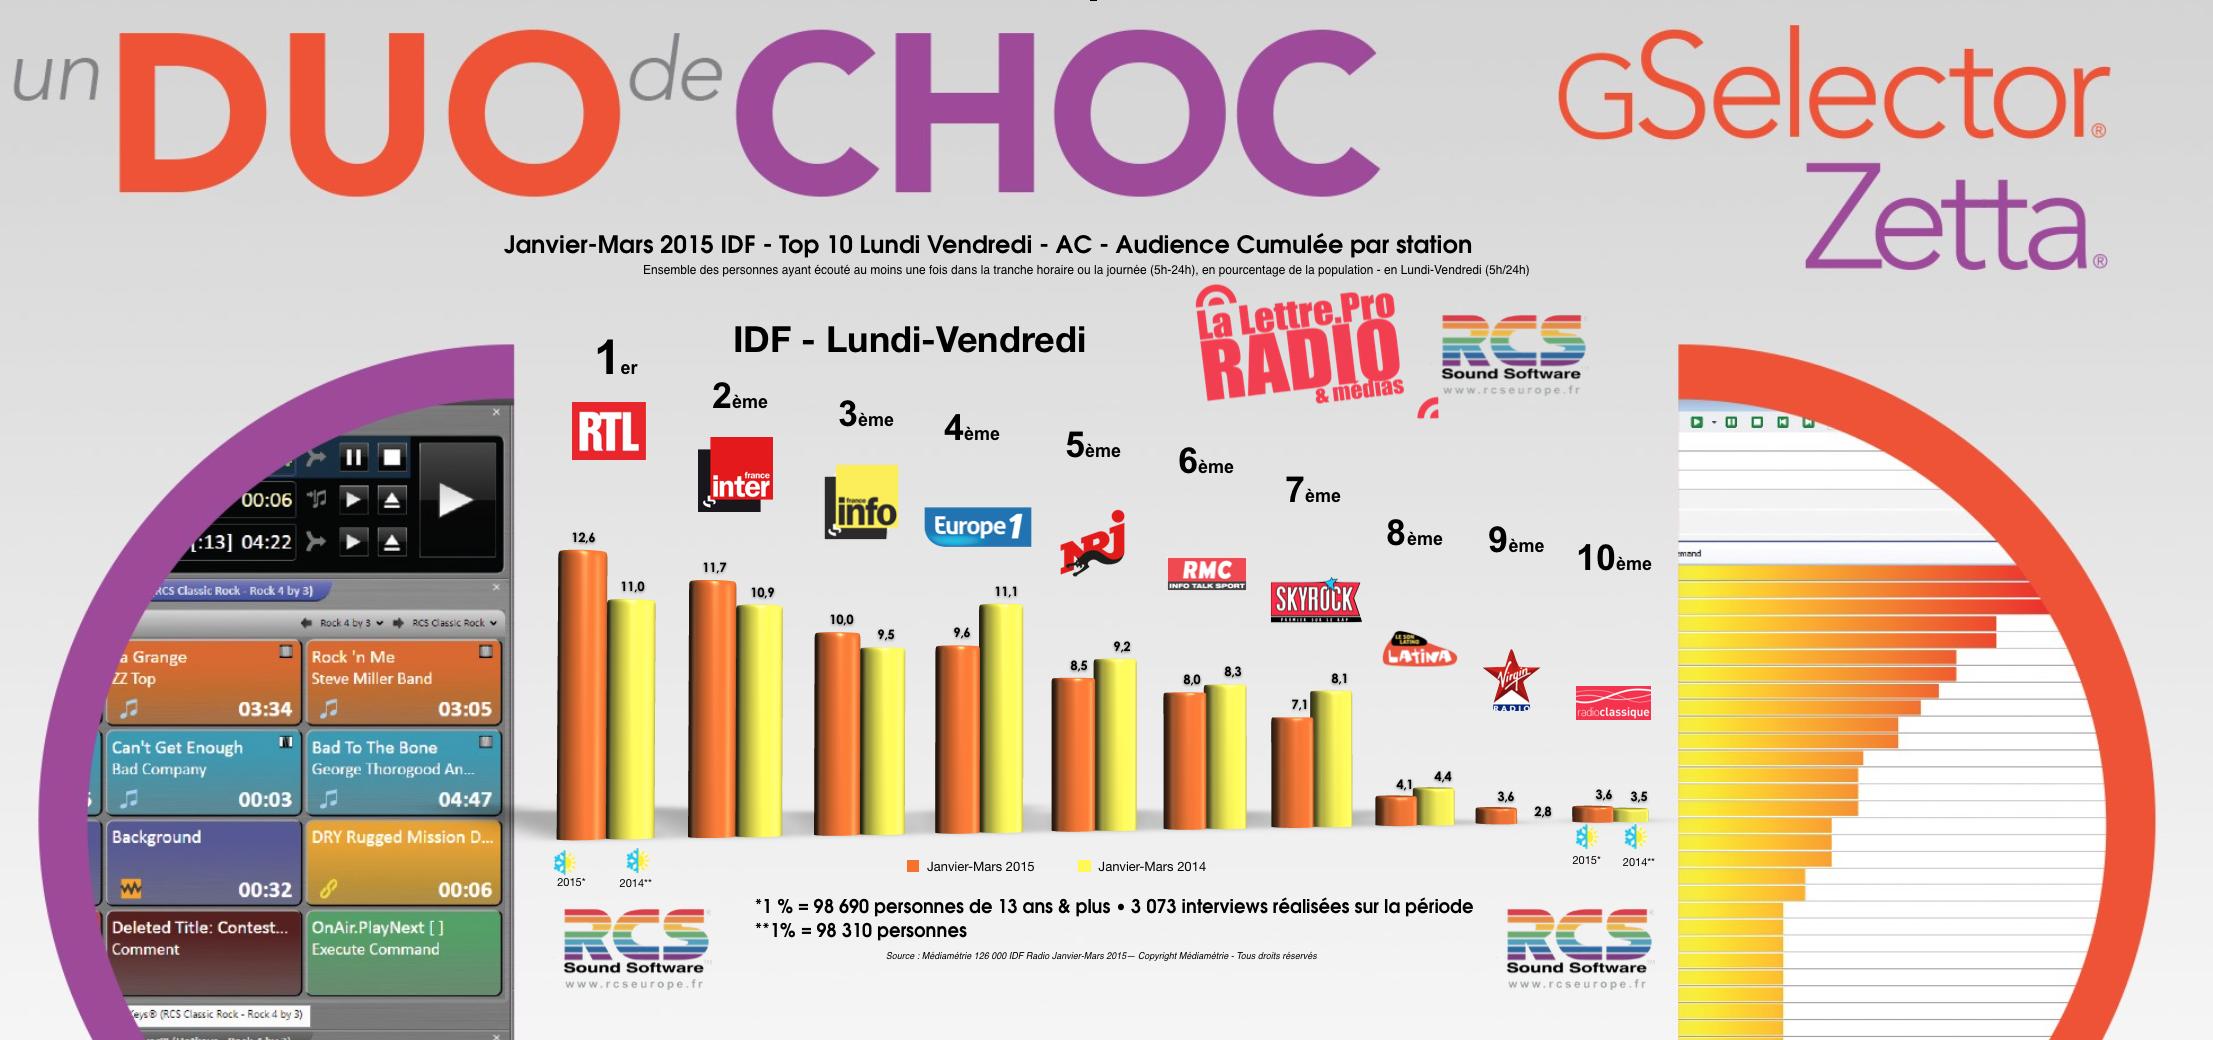 126 000 IDF : le Top 10 des radios les plus écoutées